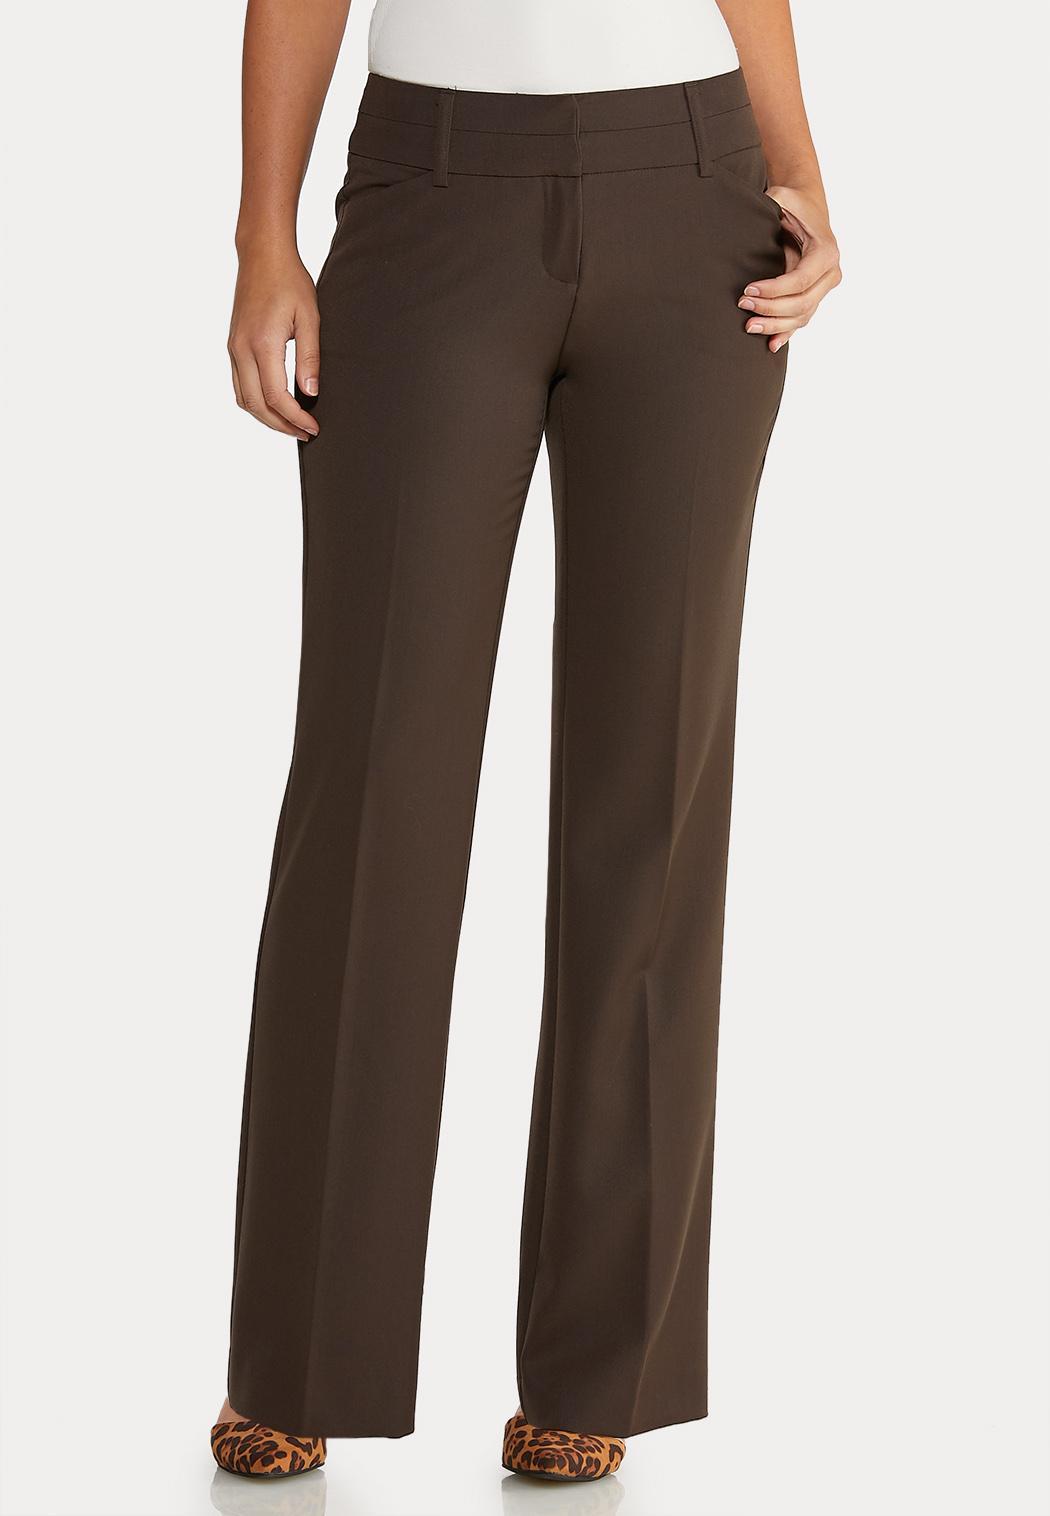 Shape Enhancing Trouser Pants